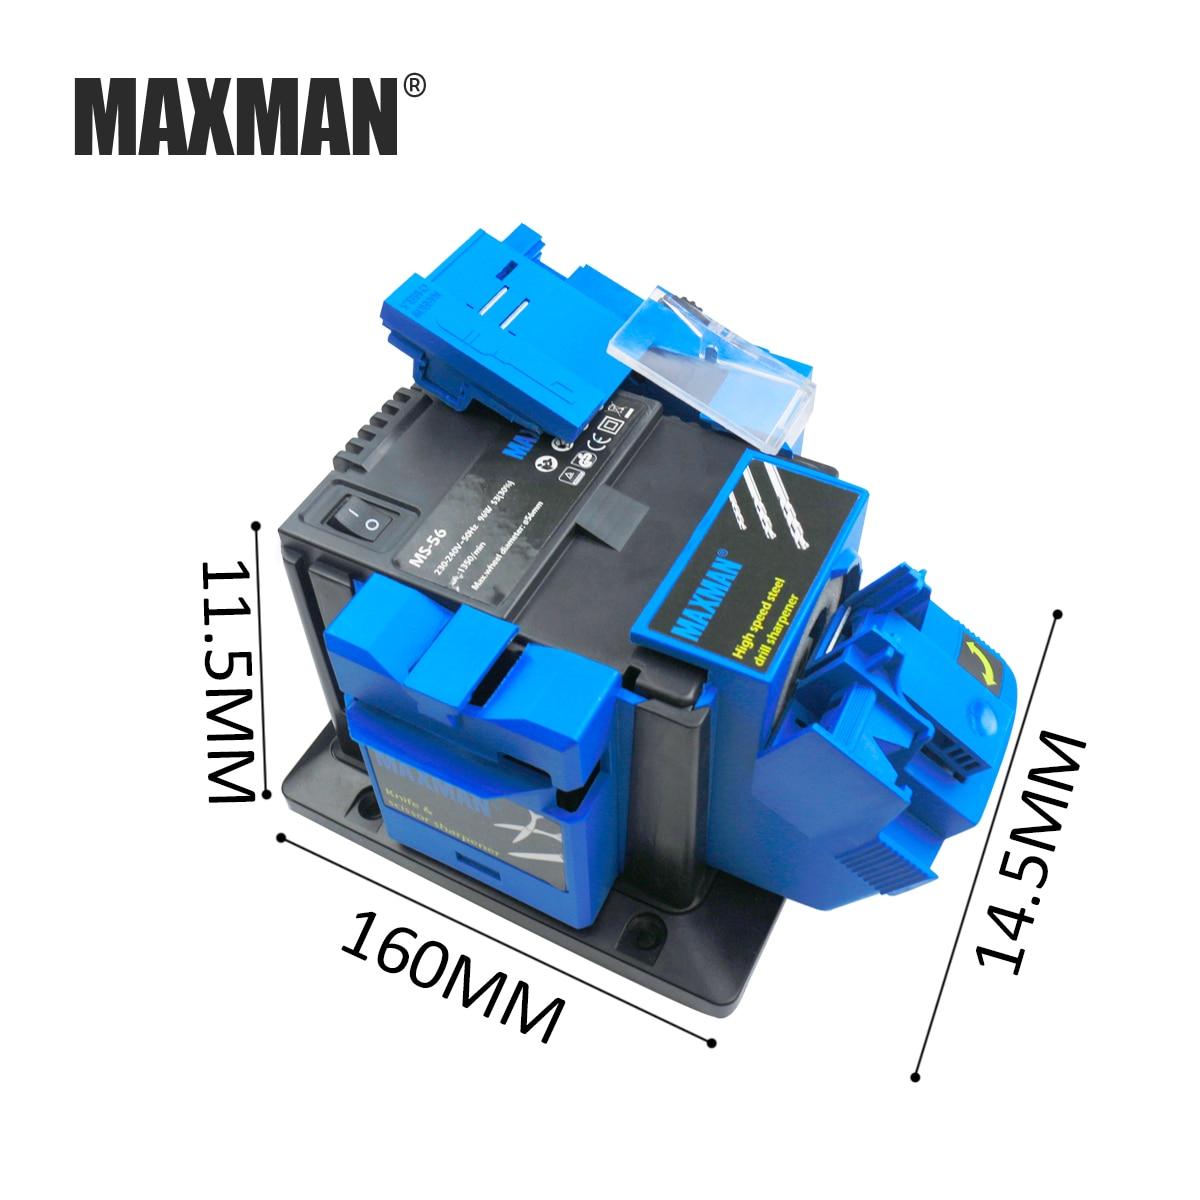 MAXMAN Professionelle Elektrische Messer Schere Spitzer Meißel Flugzeug Bohrer Schärfen Maschine für Küche Messer Werkzeug